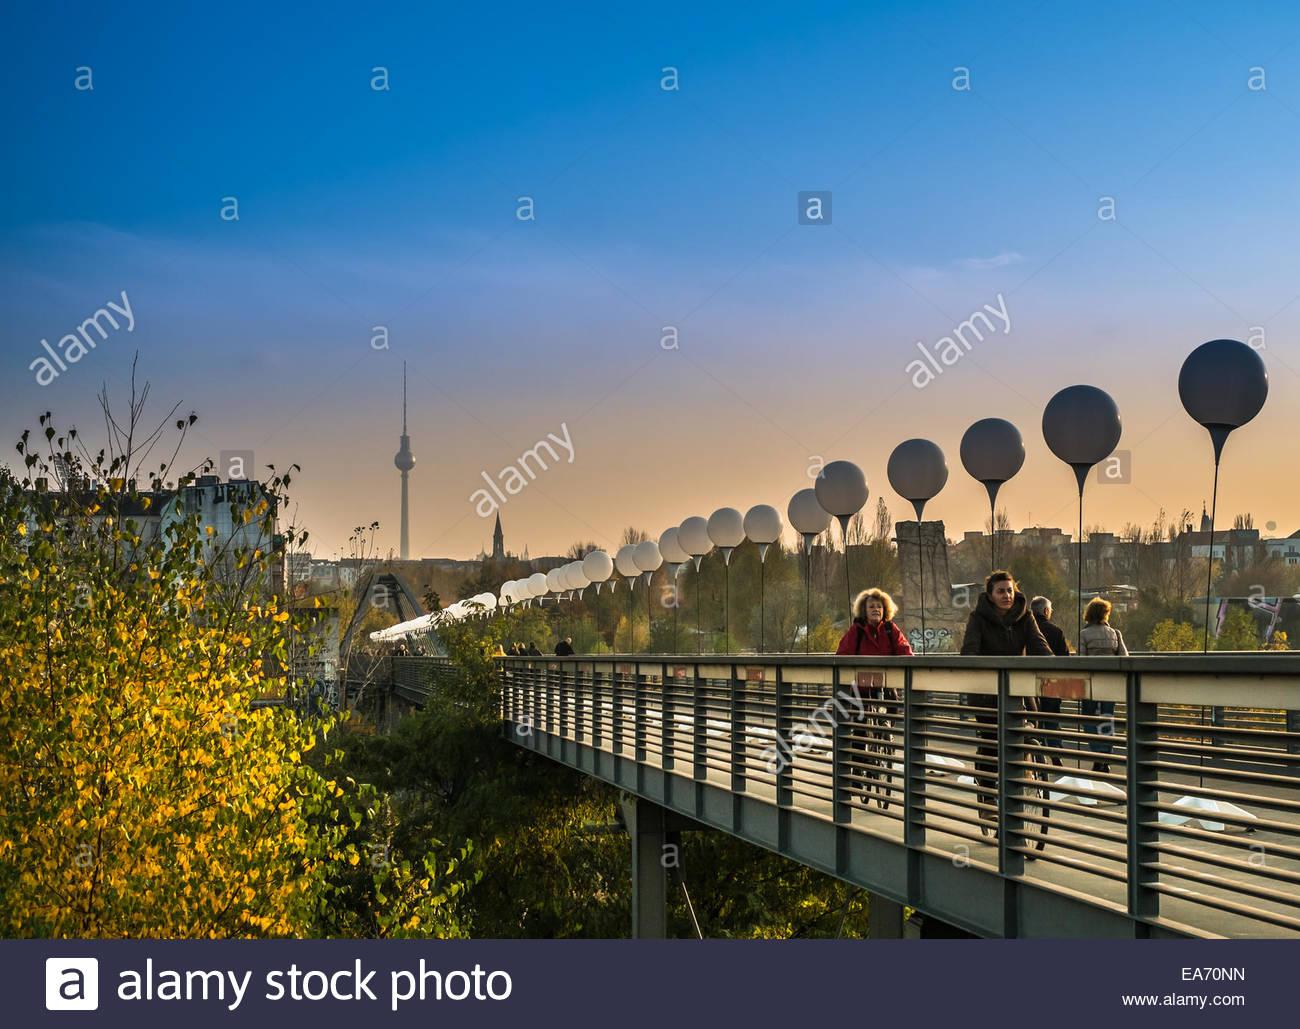 Berlin, Allemagne - 25 ans chute du Mur de Berlin célébration - la lumière frontière - 7 novembre Photo Stock